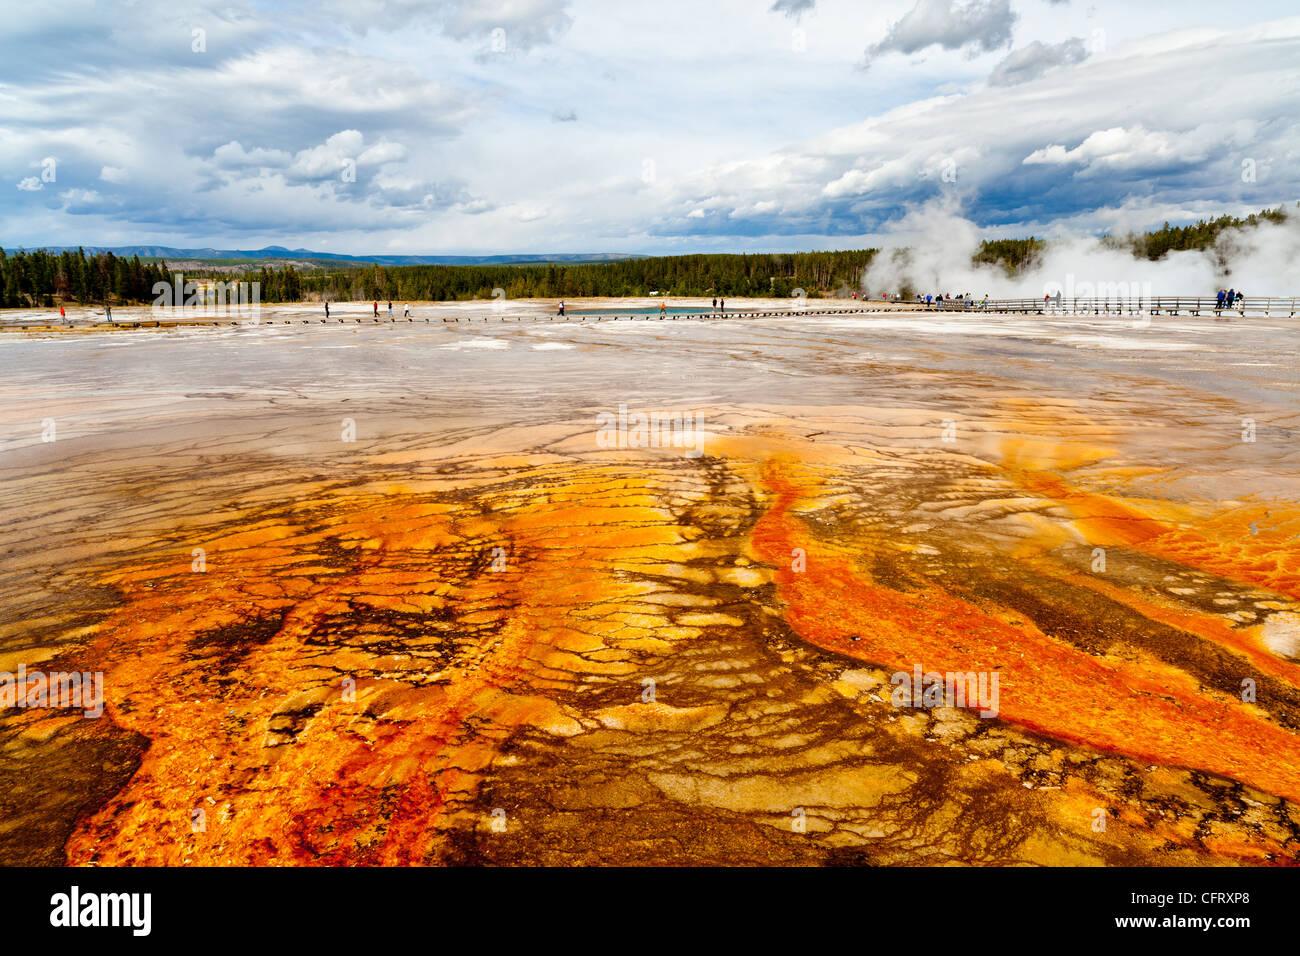 La cuenca del géiser de Midway es en realidad la parte inferior de la Cuenca del Géiser en el parque nacional de Yellowstone. ya que está situada entre las cuencas de géiser superior e inferior se hizo conocida como Midway. Durante su visita a Yellowstone en 1889, Rudyard Kipling se refirió a esta área como 'Hell's medio acre'. midway contiene uno de los mundos más grande hot springs, Grand Prismatic Spring, a unos 370 m. de diámetro. Otras notables muelles son de color turquesa e índigo muelles. aslo escuchar es excelsior geyser, que dischargres más de 4.000 galones de agua hirviendo cada minuto. Foto de stock